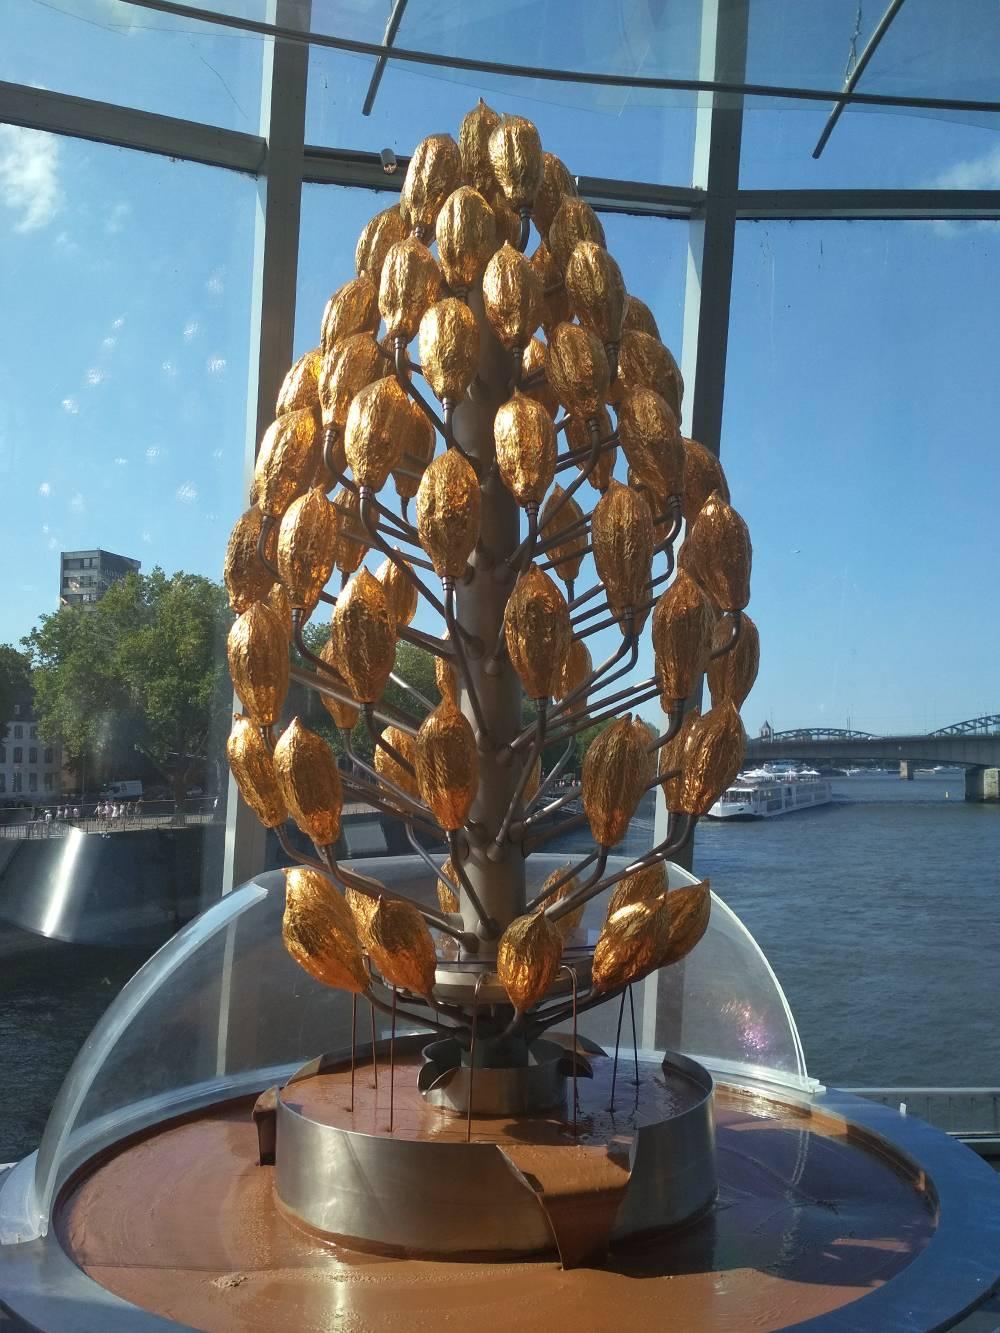 А это шоколадный фонтан в музее шоколада. На территории музея есть оранжерея, где выращивают деревья какао, а еще кафе с панорамным видом на Рейн